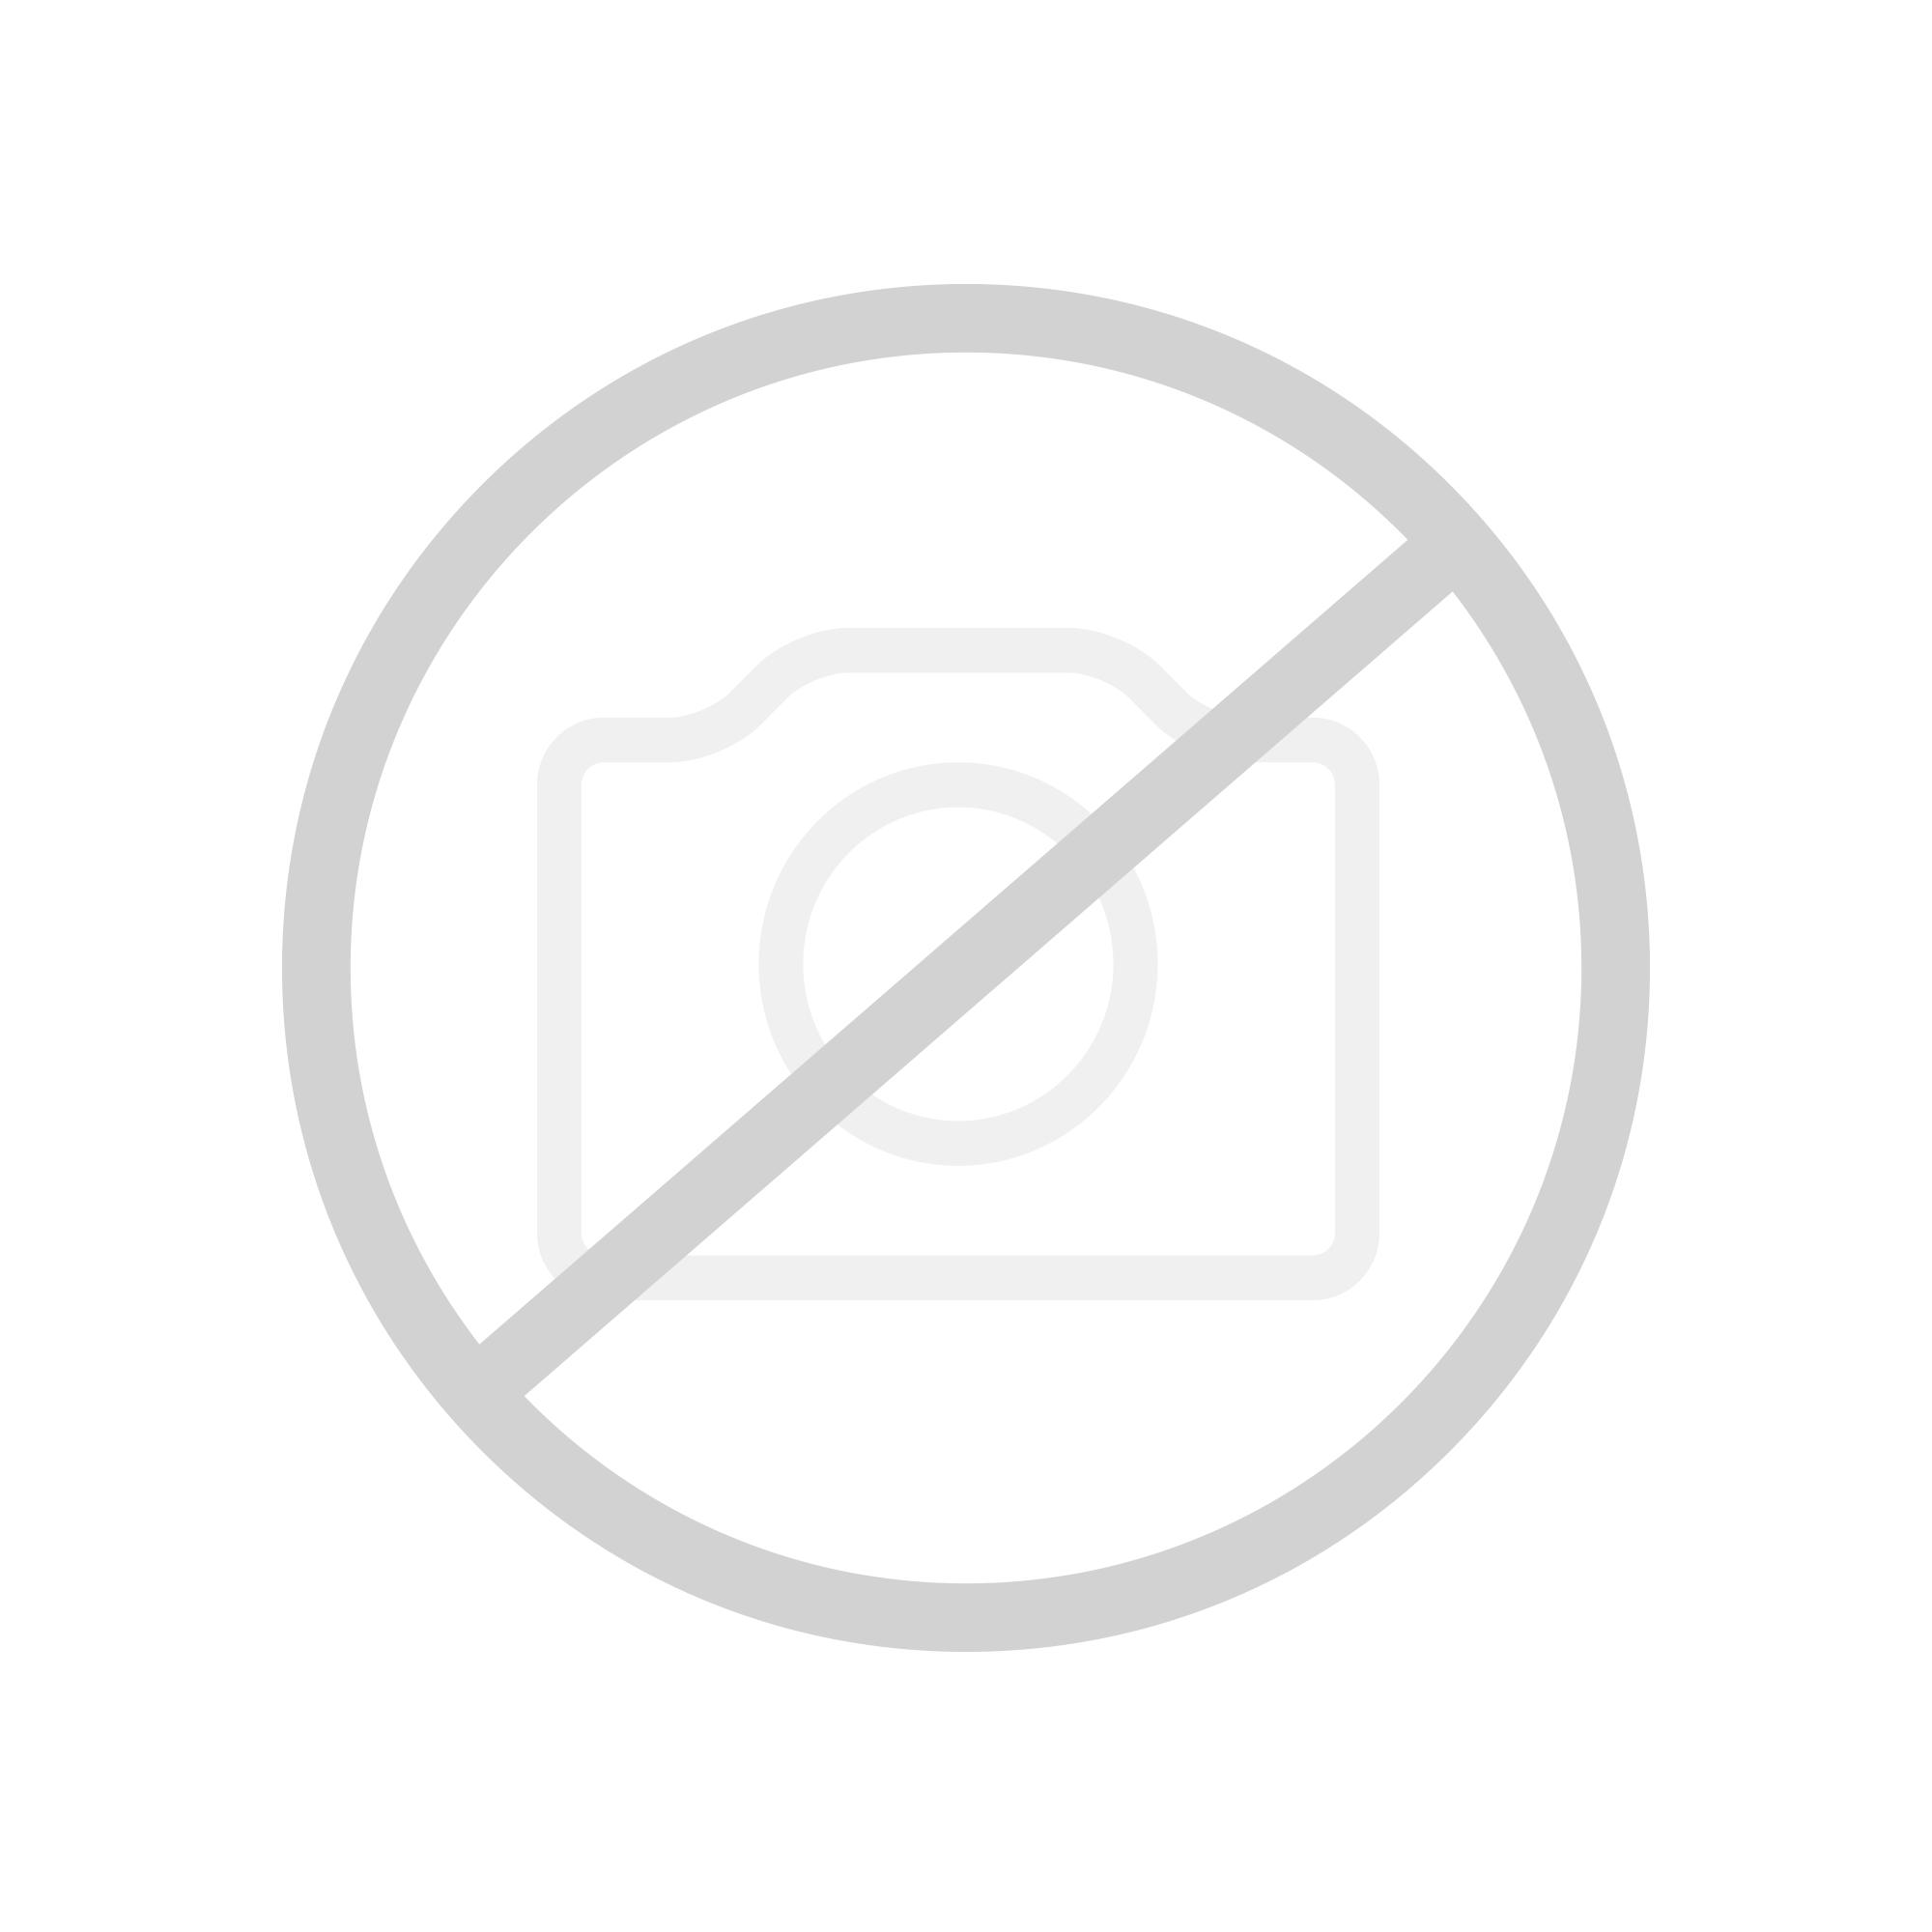 Relativ ᐅᐅ】 Eltron Stiebel Eltron Mini-Durchlauferhitzer DNM 3 + MAE HZ61